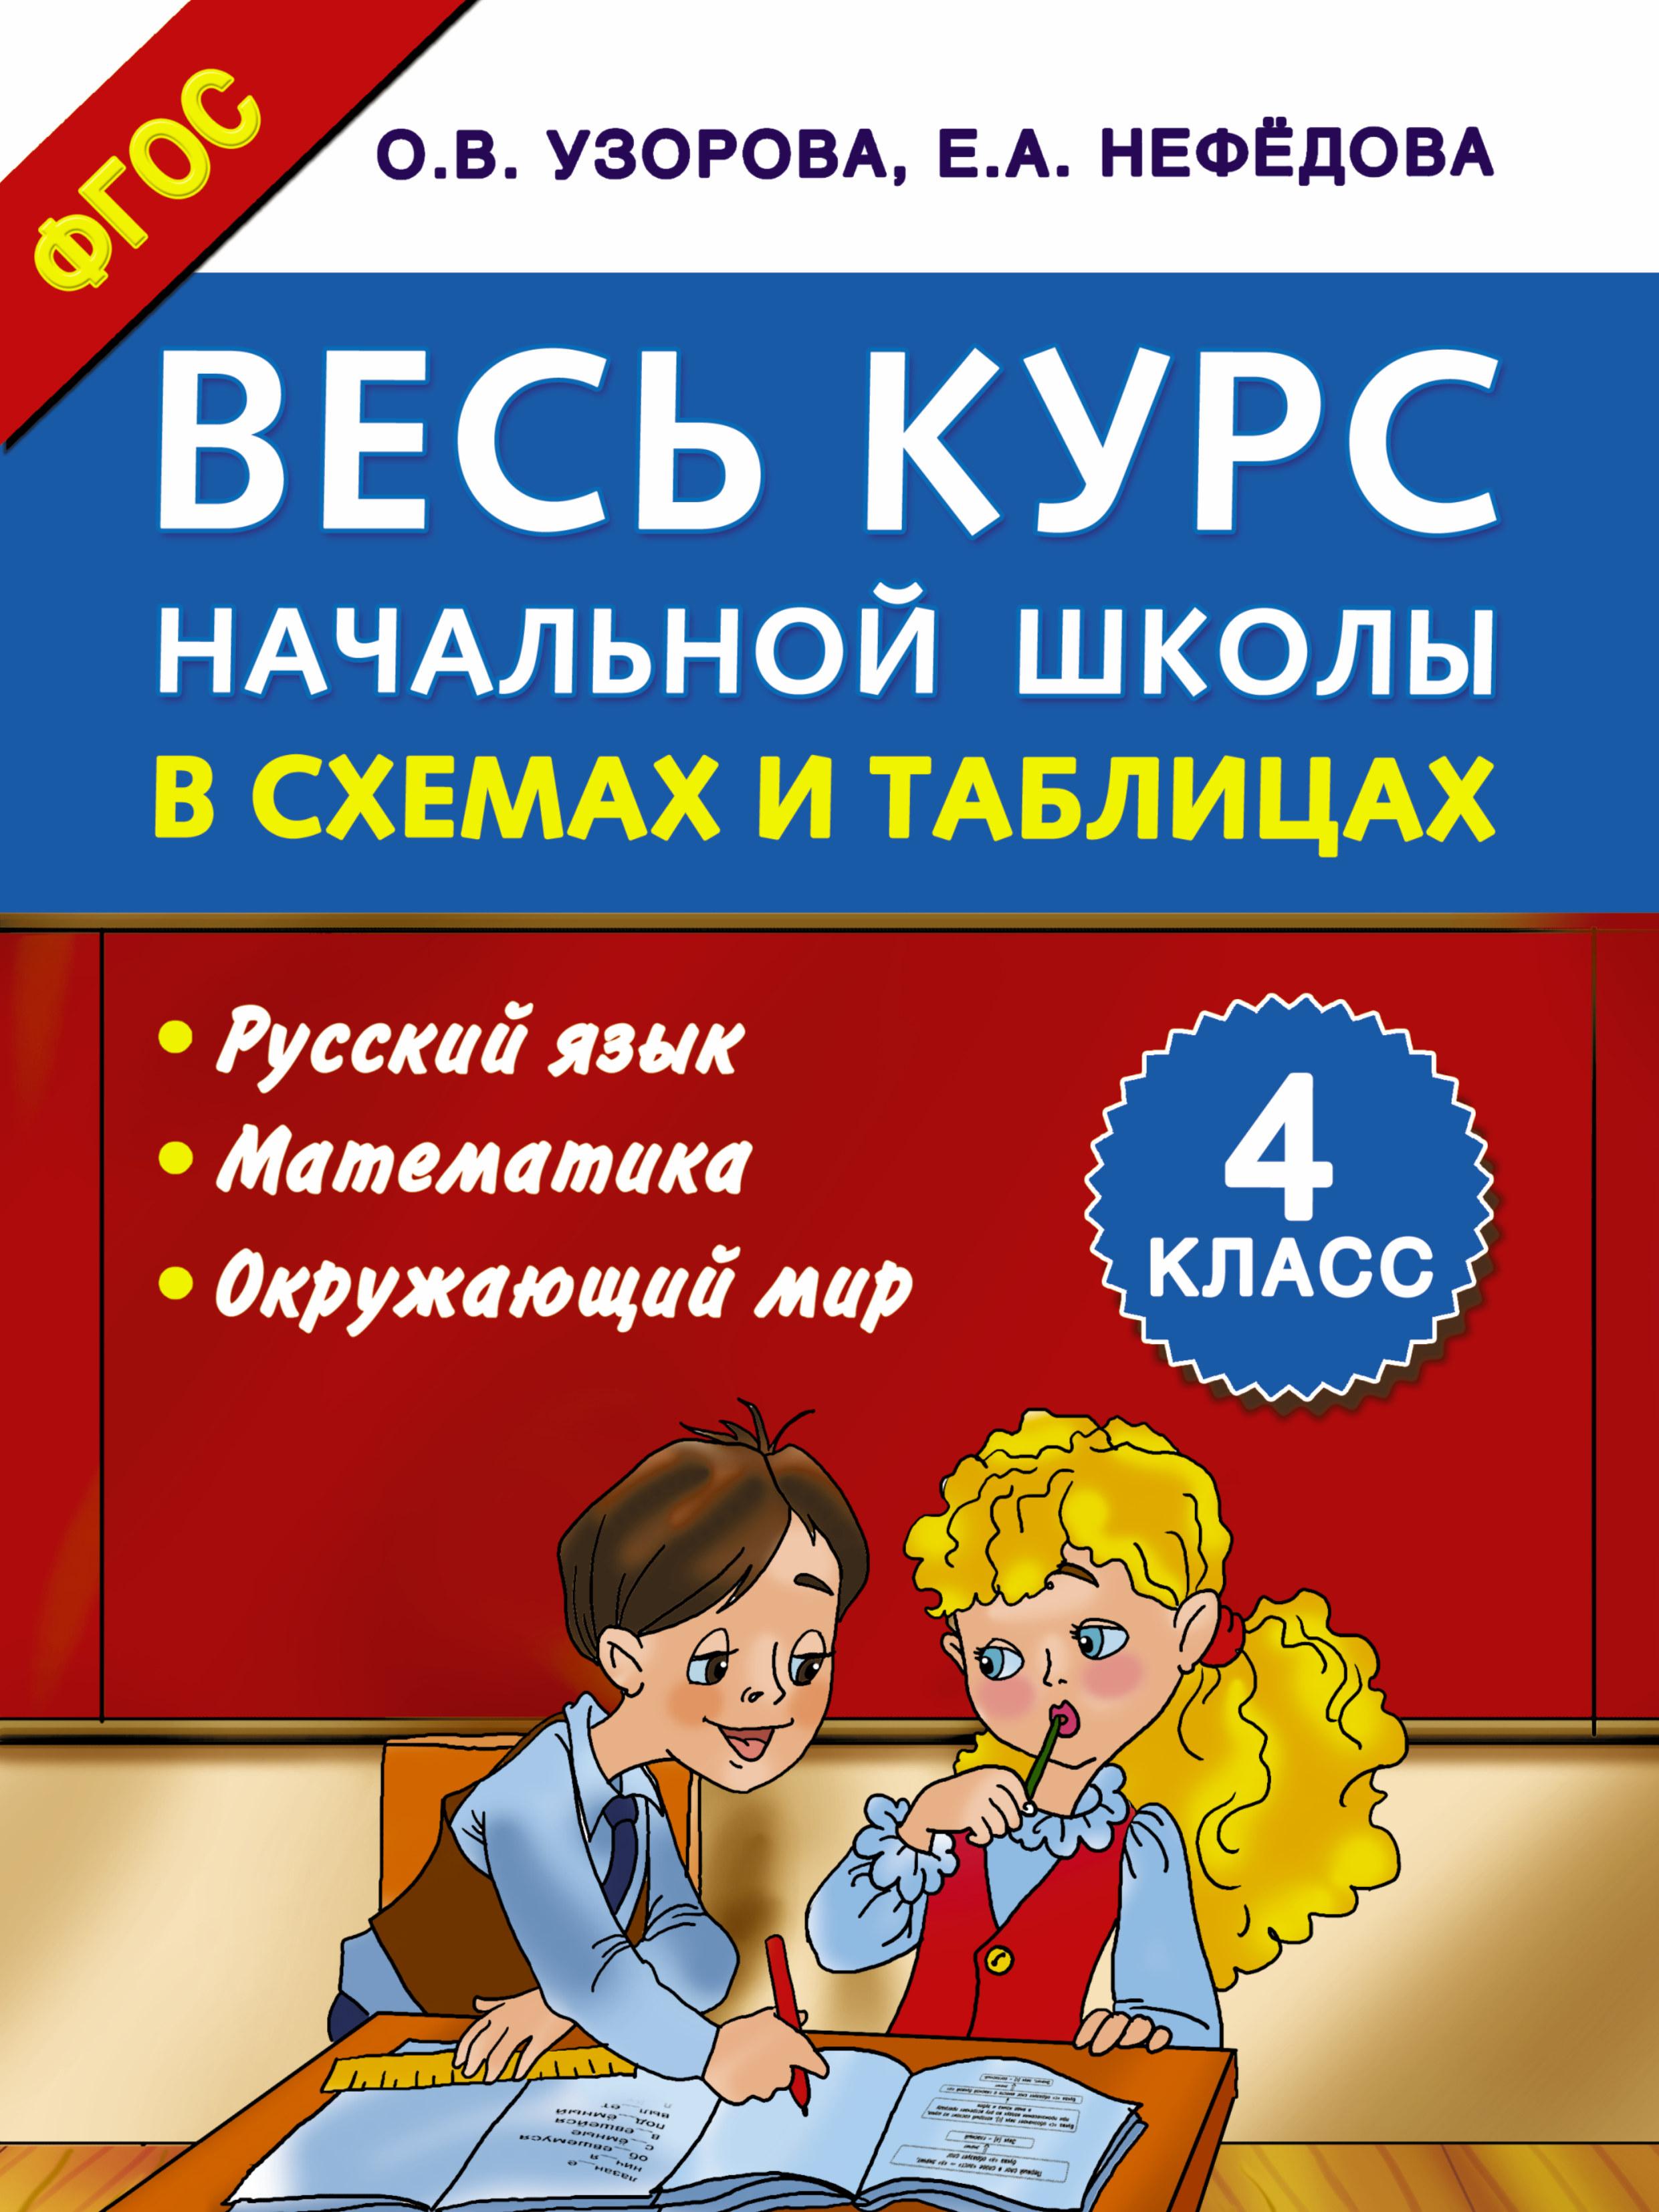 Весь курс начальной школы в схемах и таблицах 4 класс